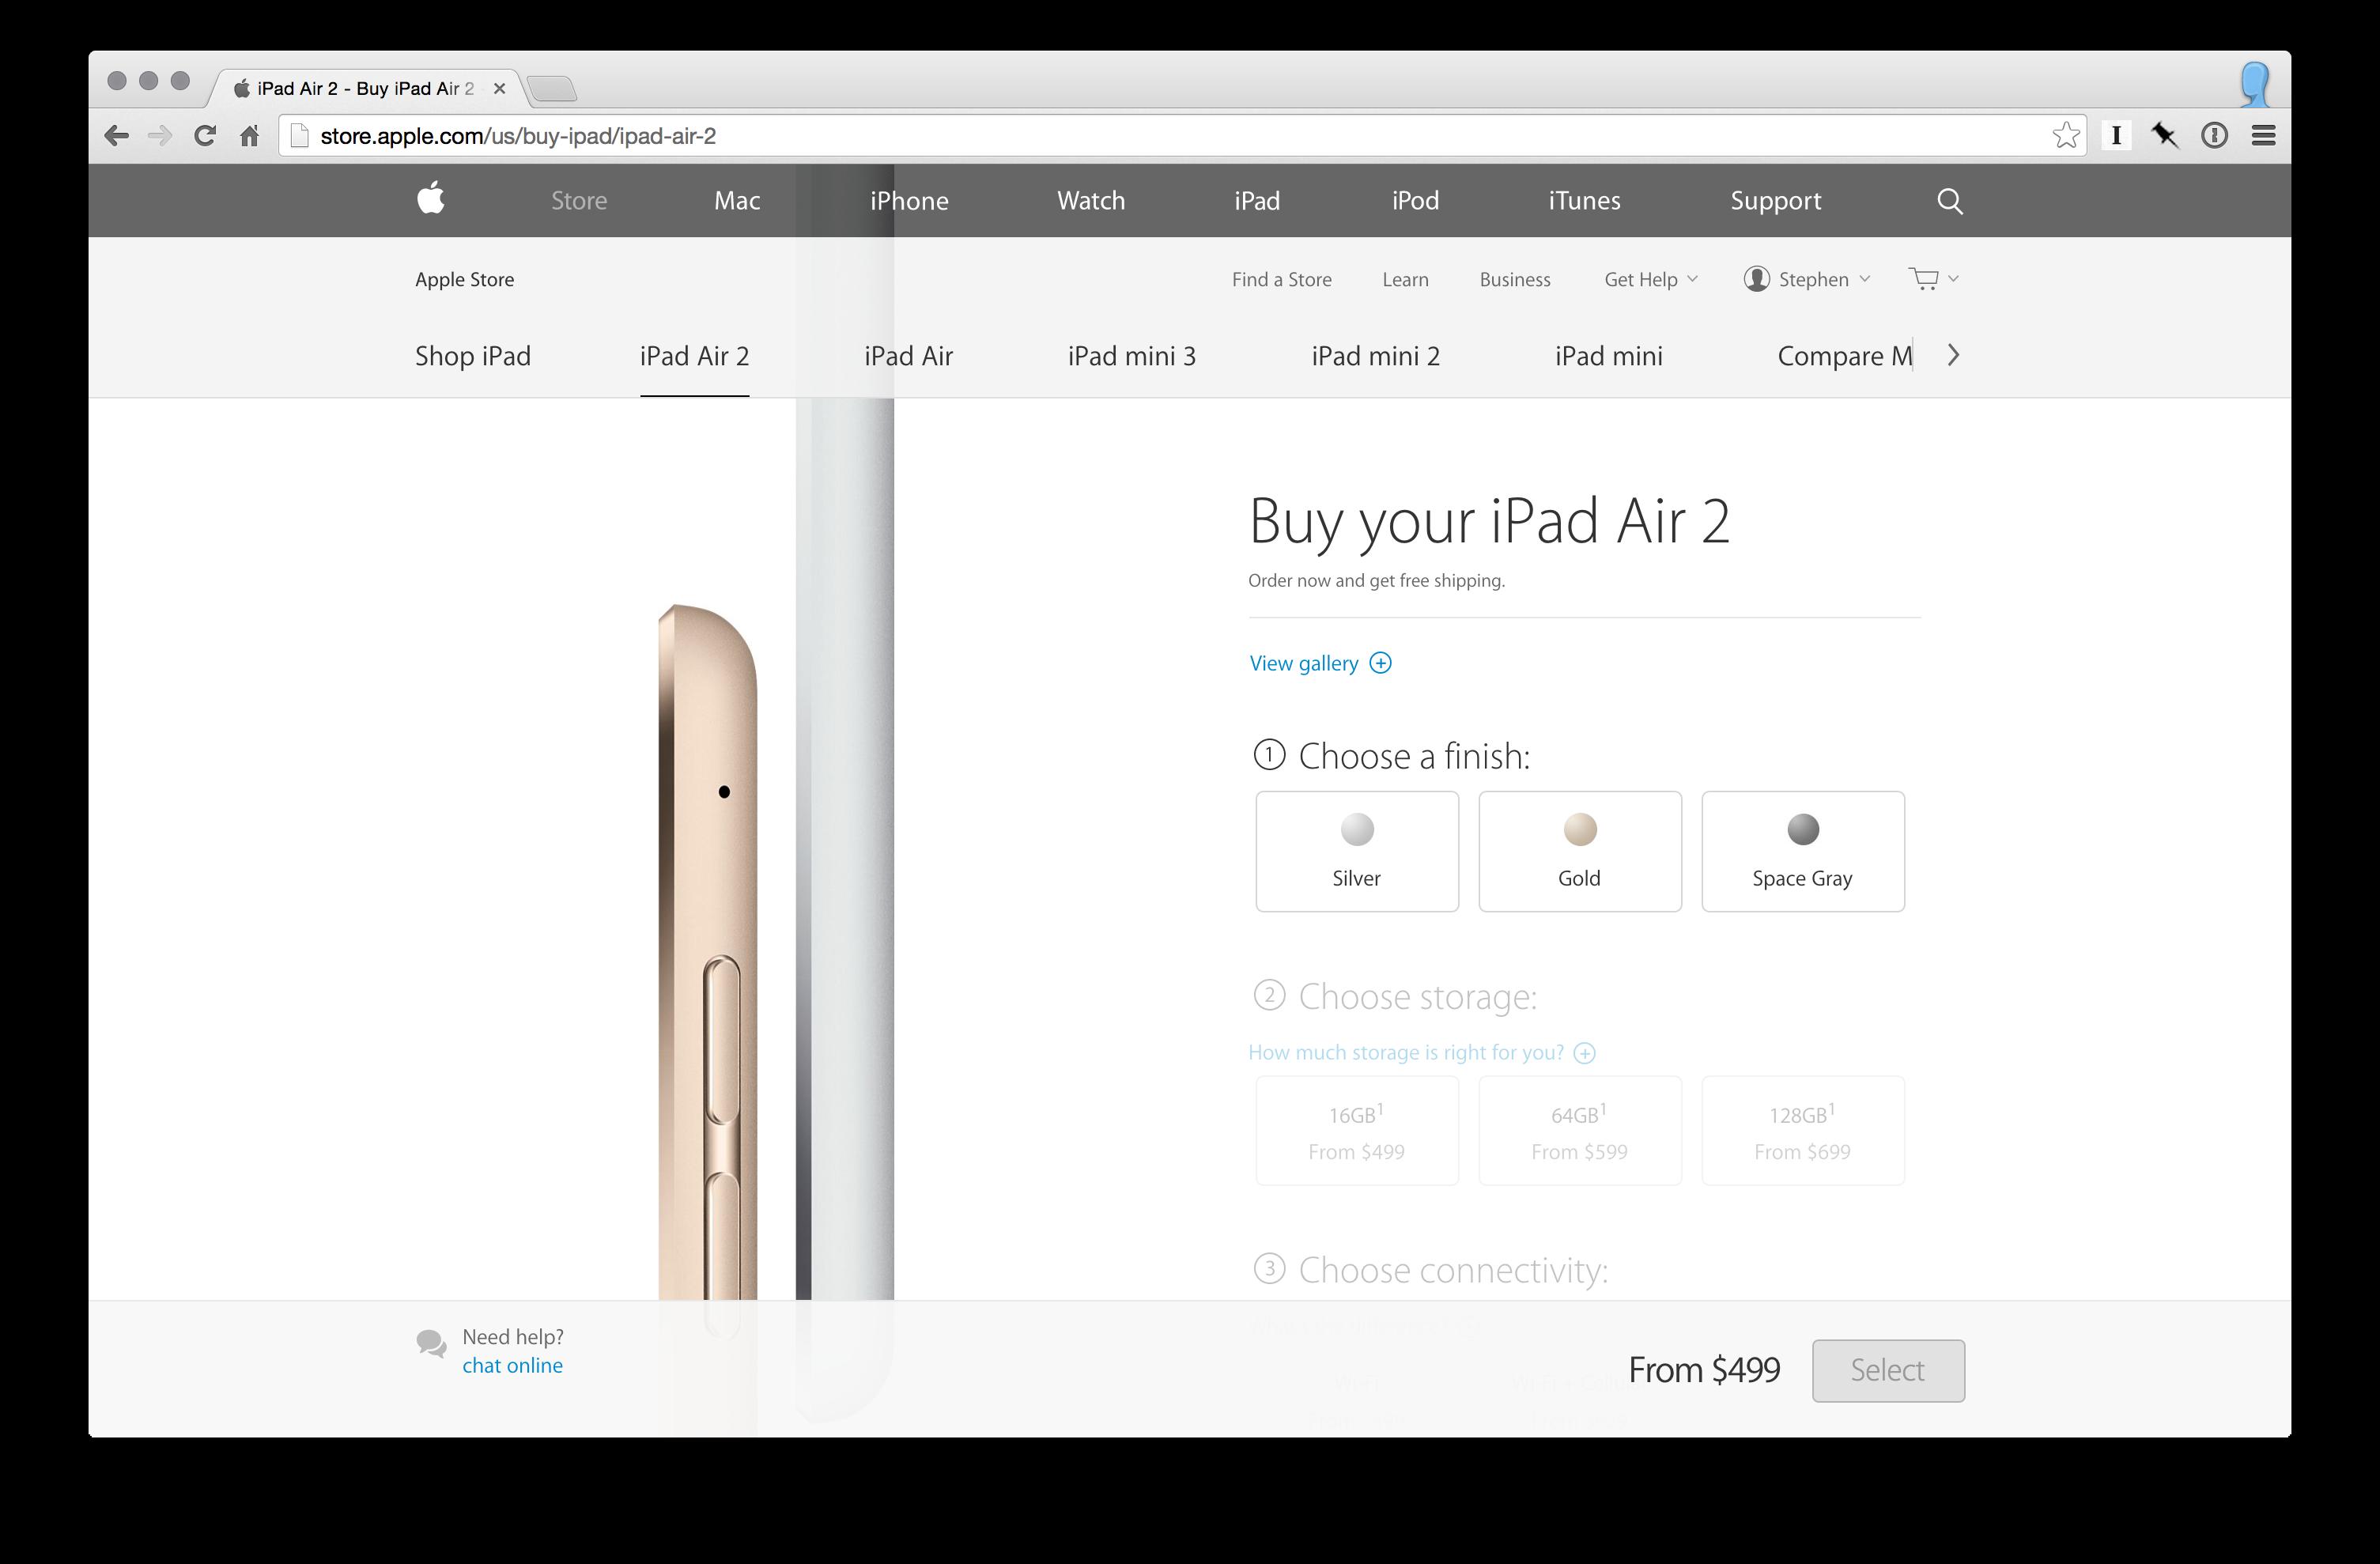 iPad Air ordering